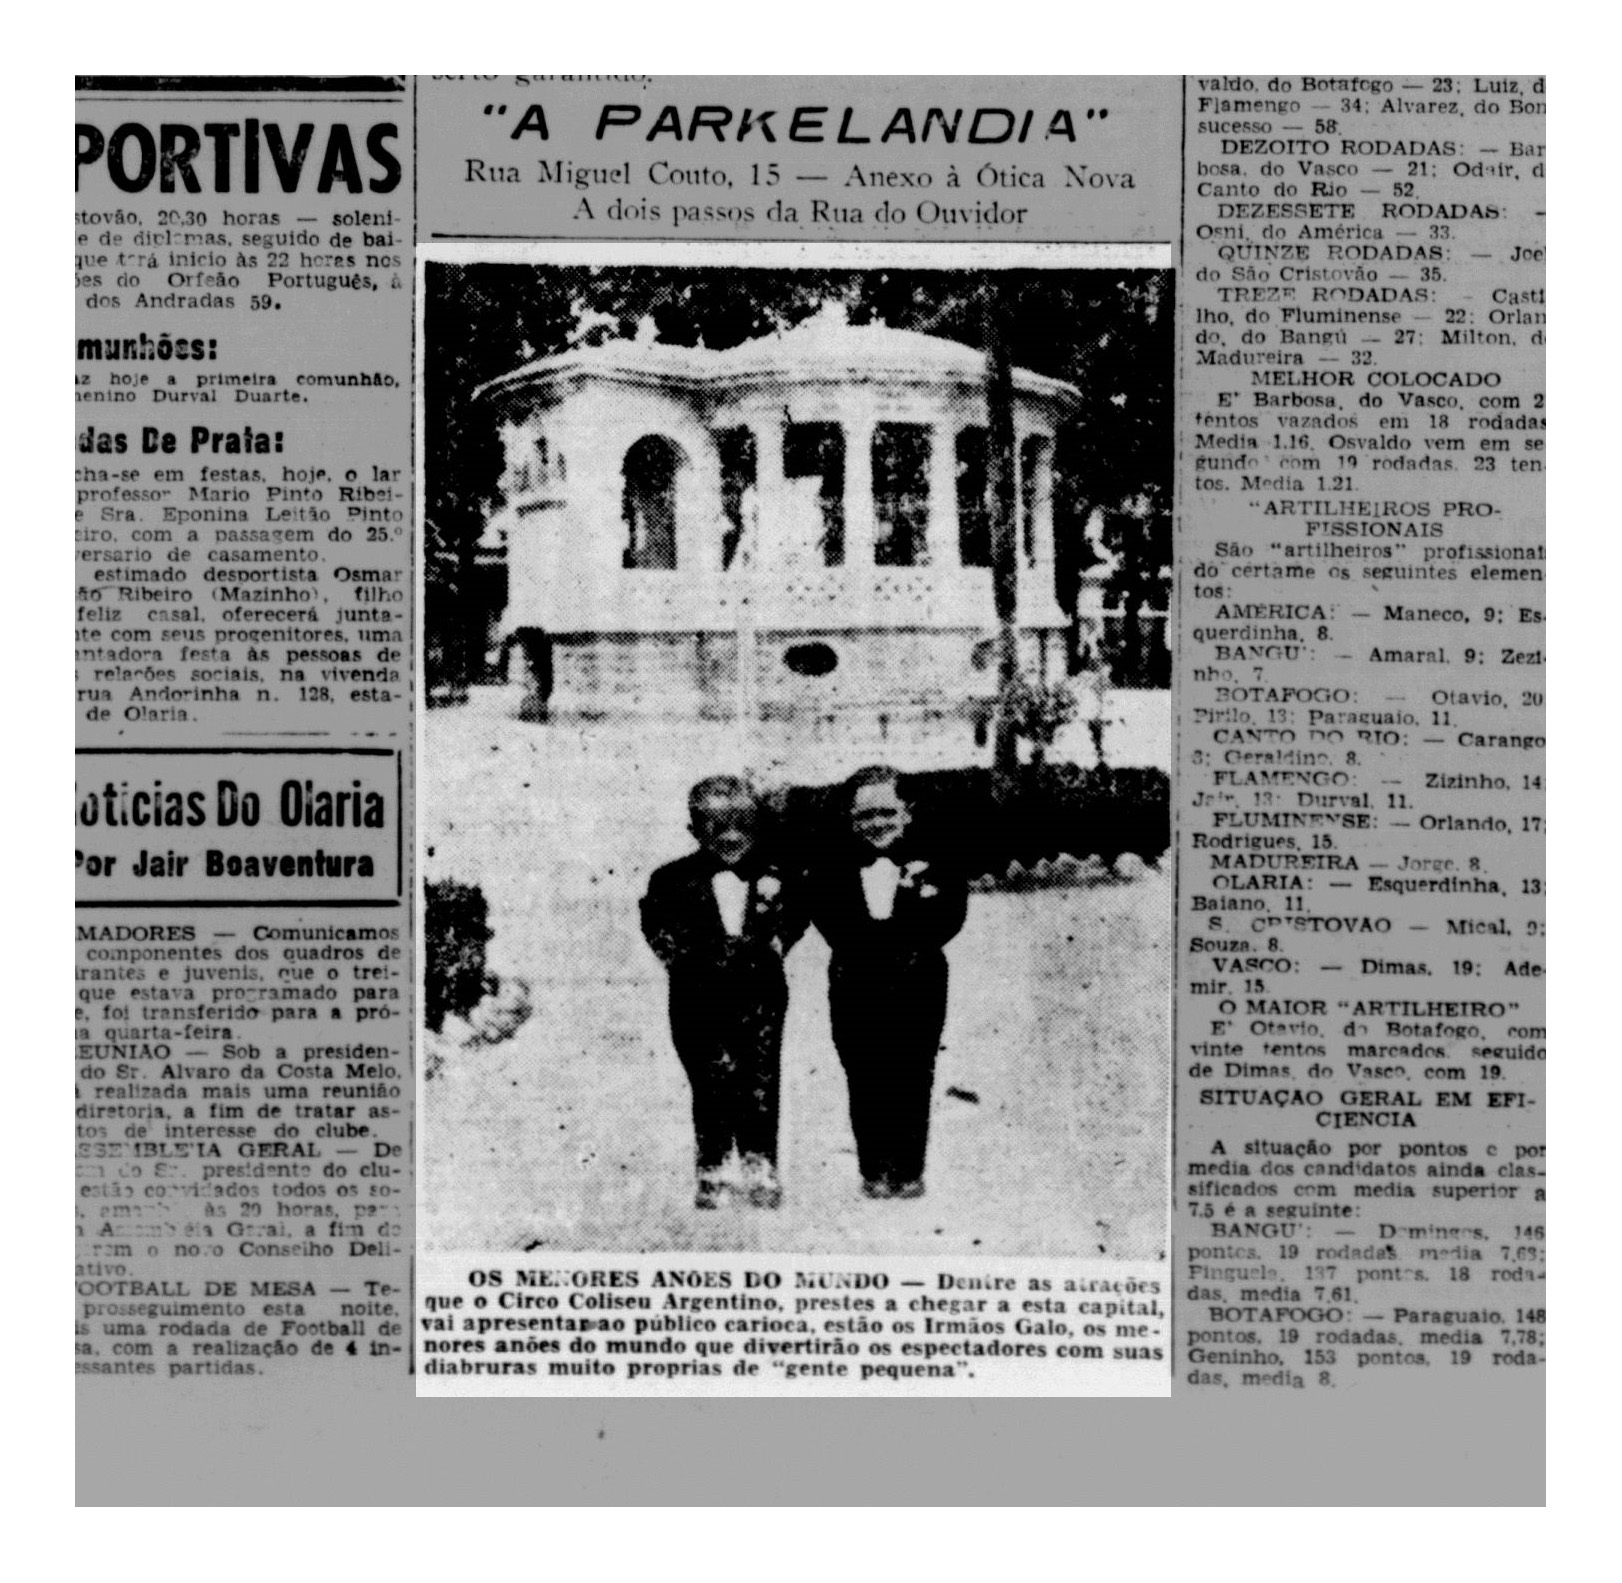 Sixto-1948-12-08_JornalDosSports_RioDeJaneiro-RJ-2-copy.jpg